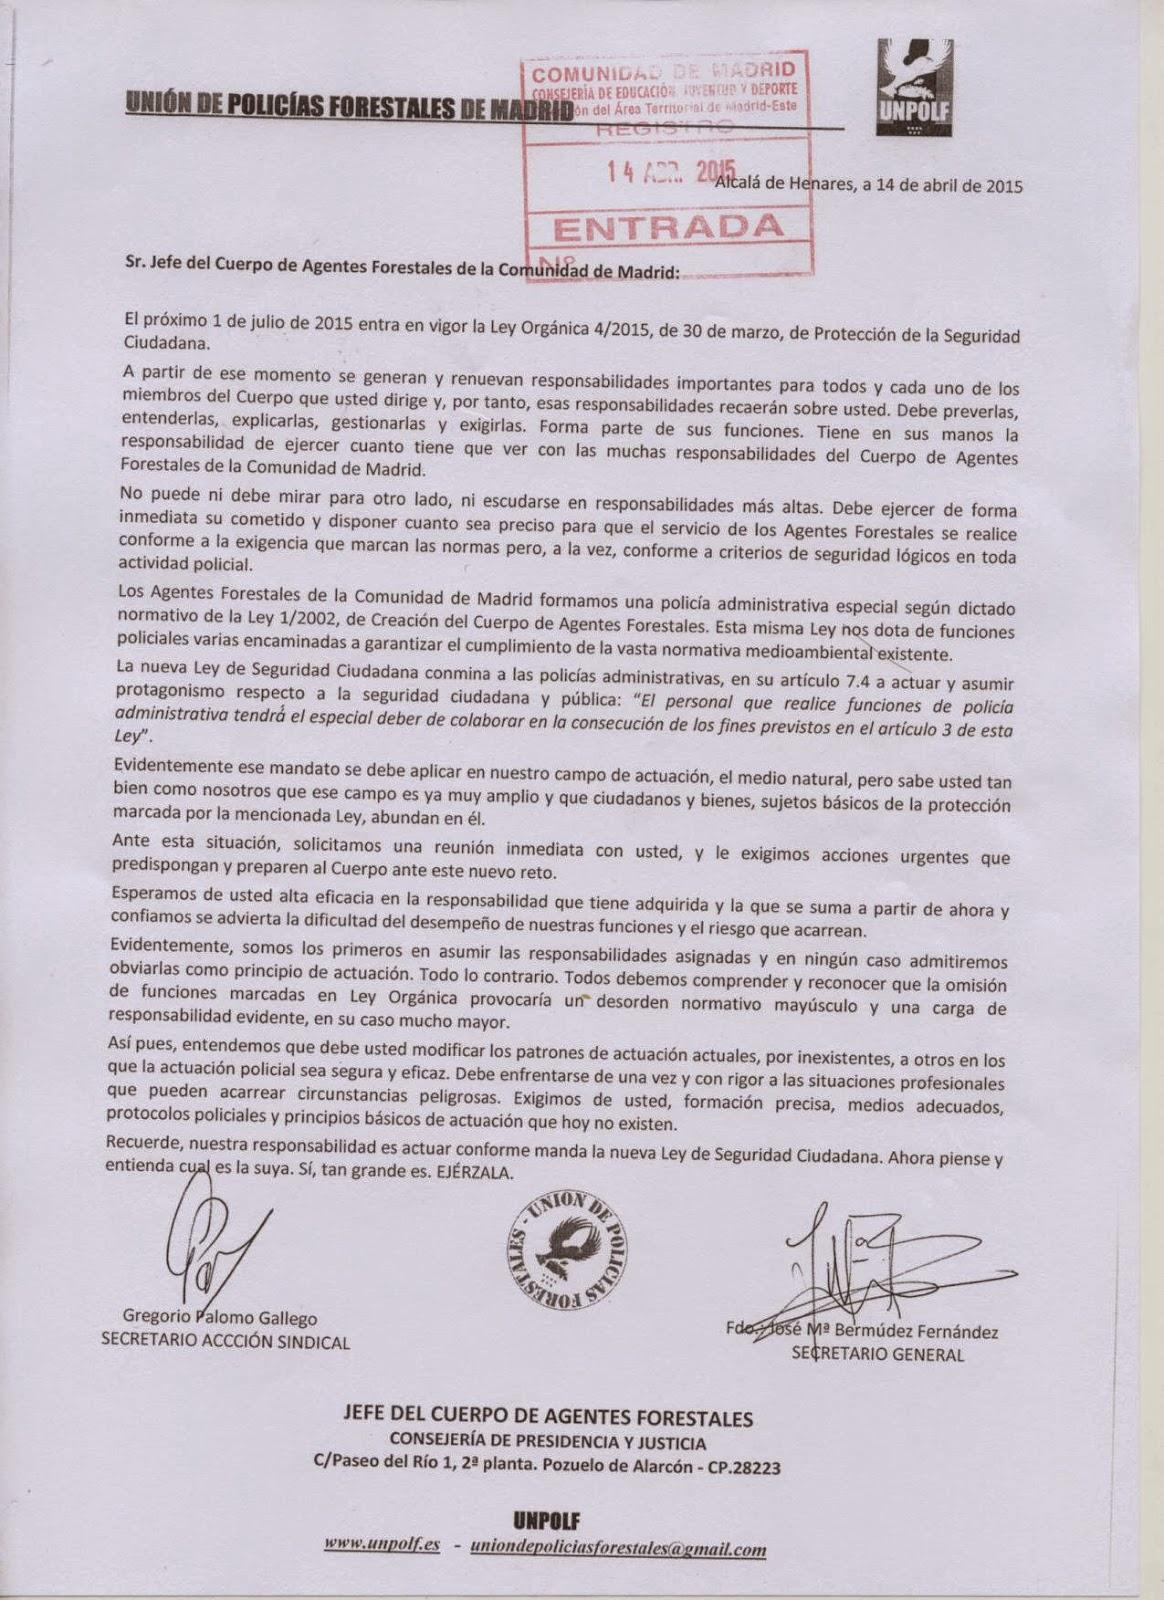 http://www.unpolf.es/2015/04/al-jefe-del-cuerpo-de-agentes-forestales.html#more